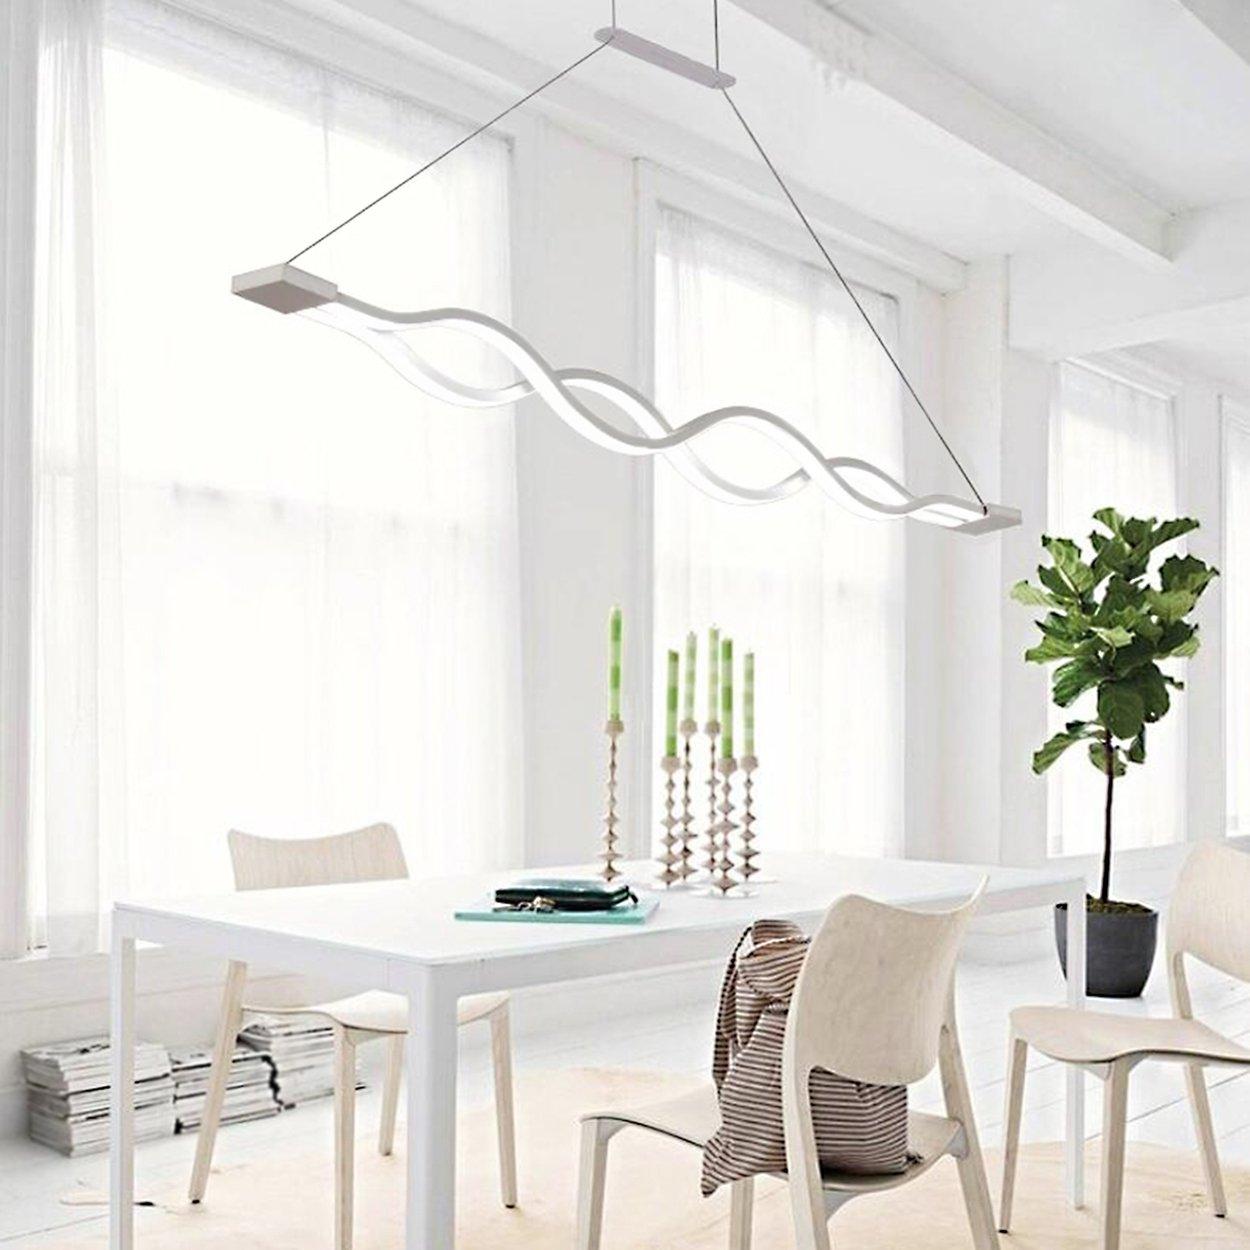 KJLARS LED Pendelleuchte esstisch Hängeleuchte Wohnzimmer Küche ...